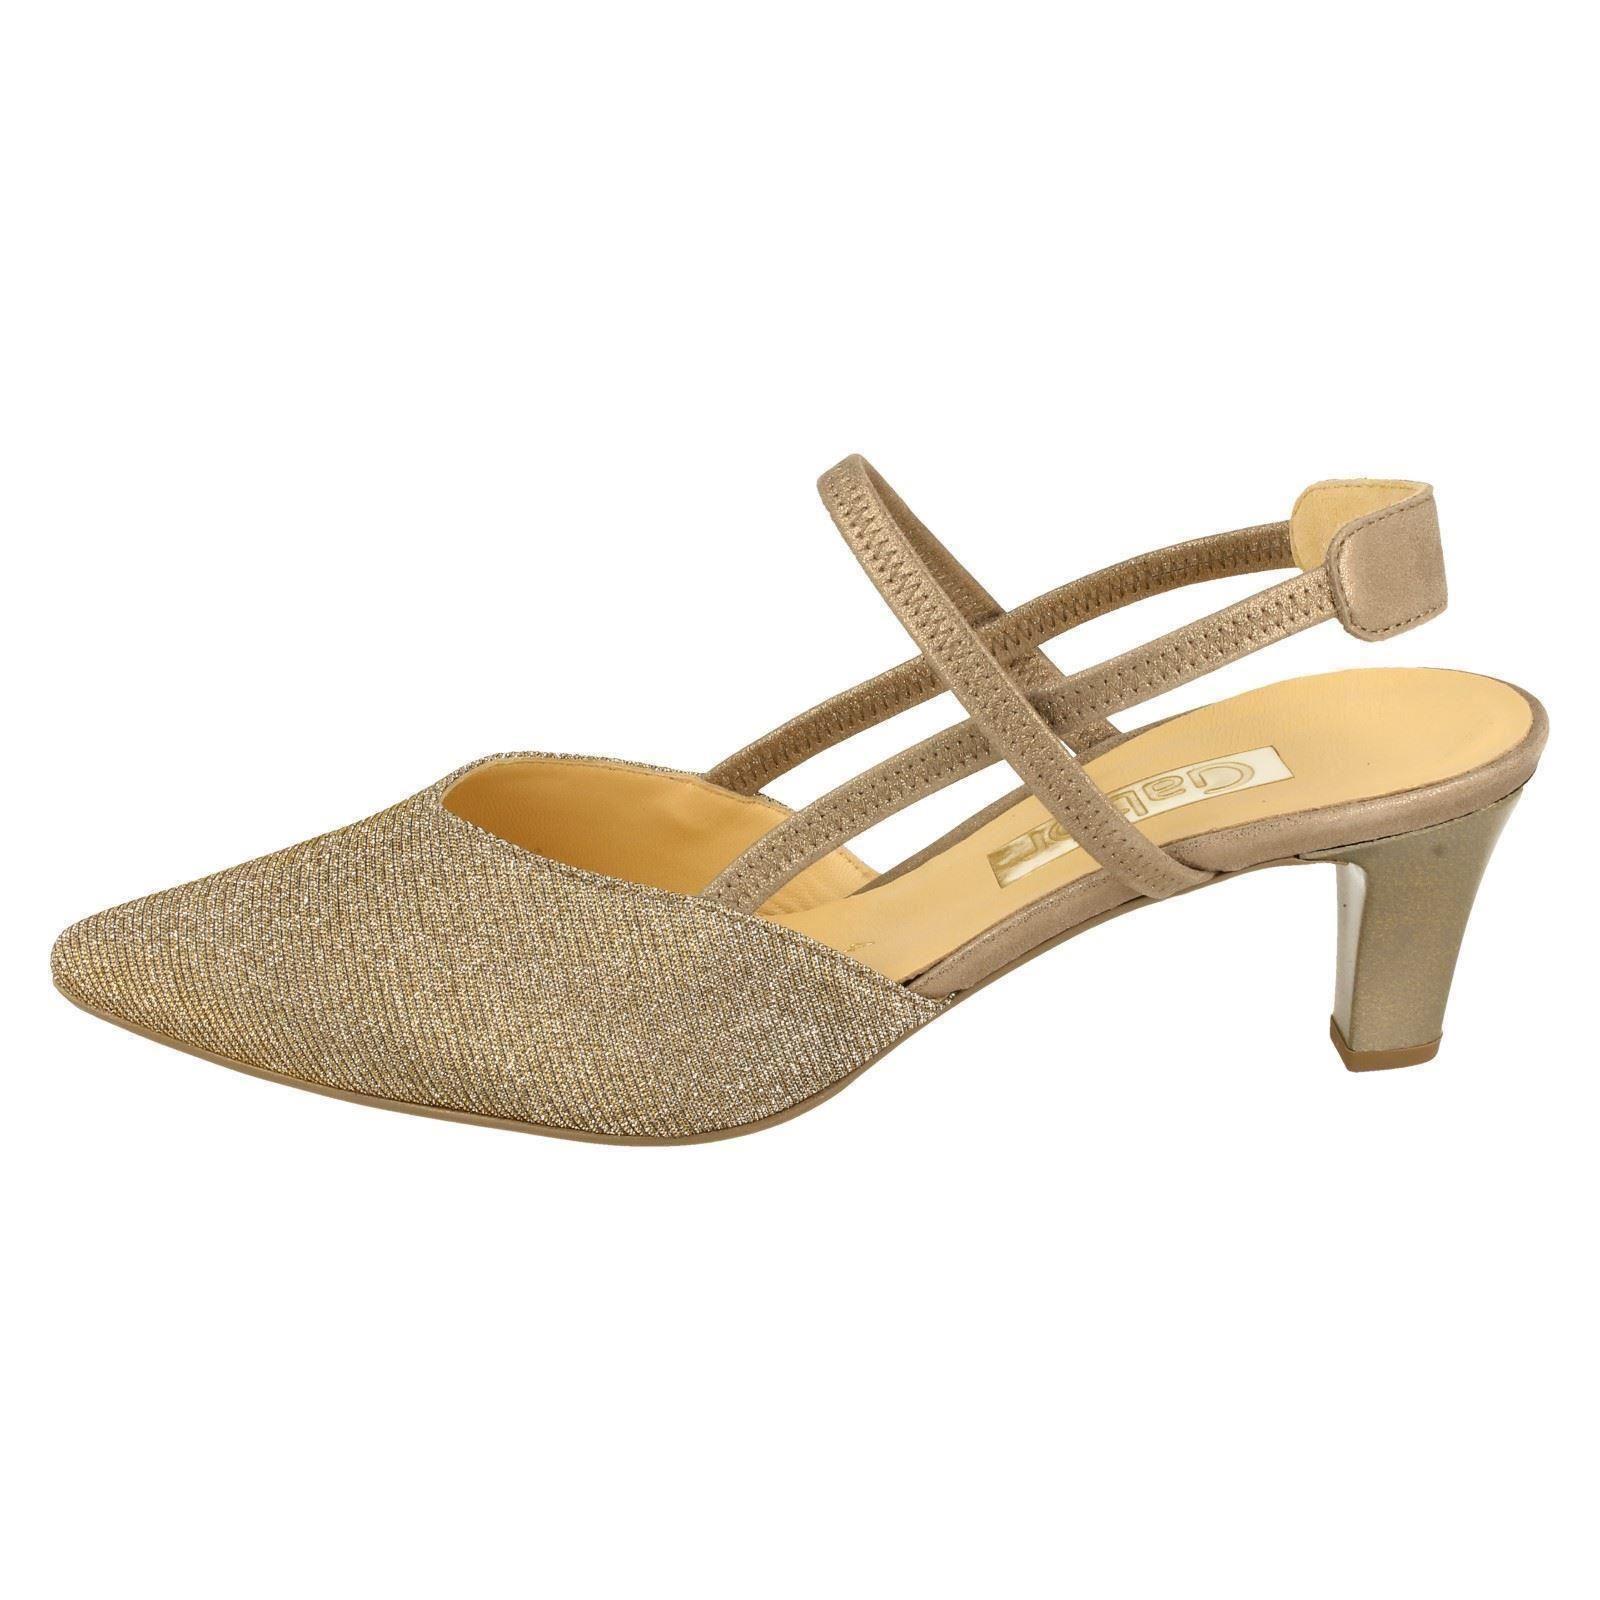 m. m. m. / mme mesdames gabor chaussures le style 61.554-w pratique et économique de stocker divers d'exportation en ligne 3a4a37